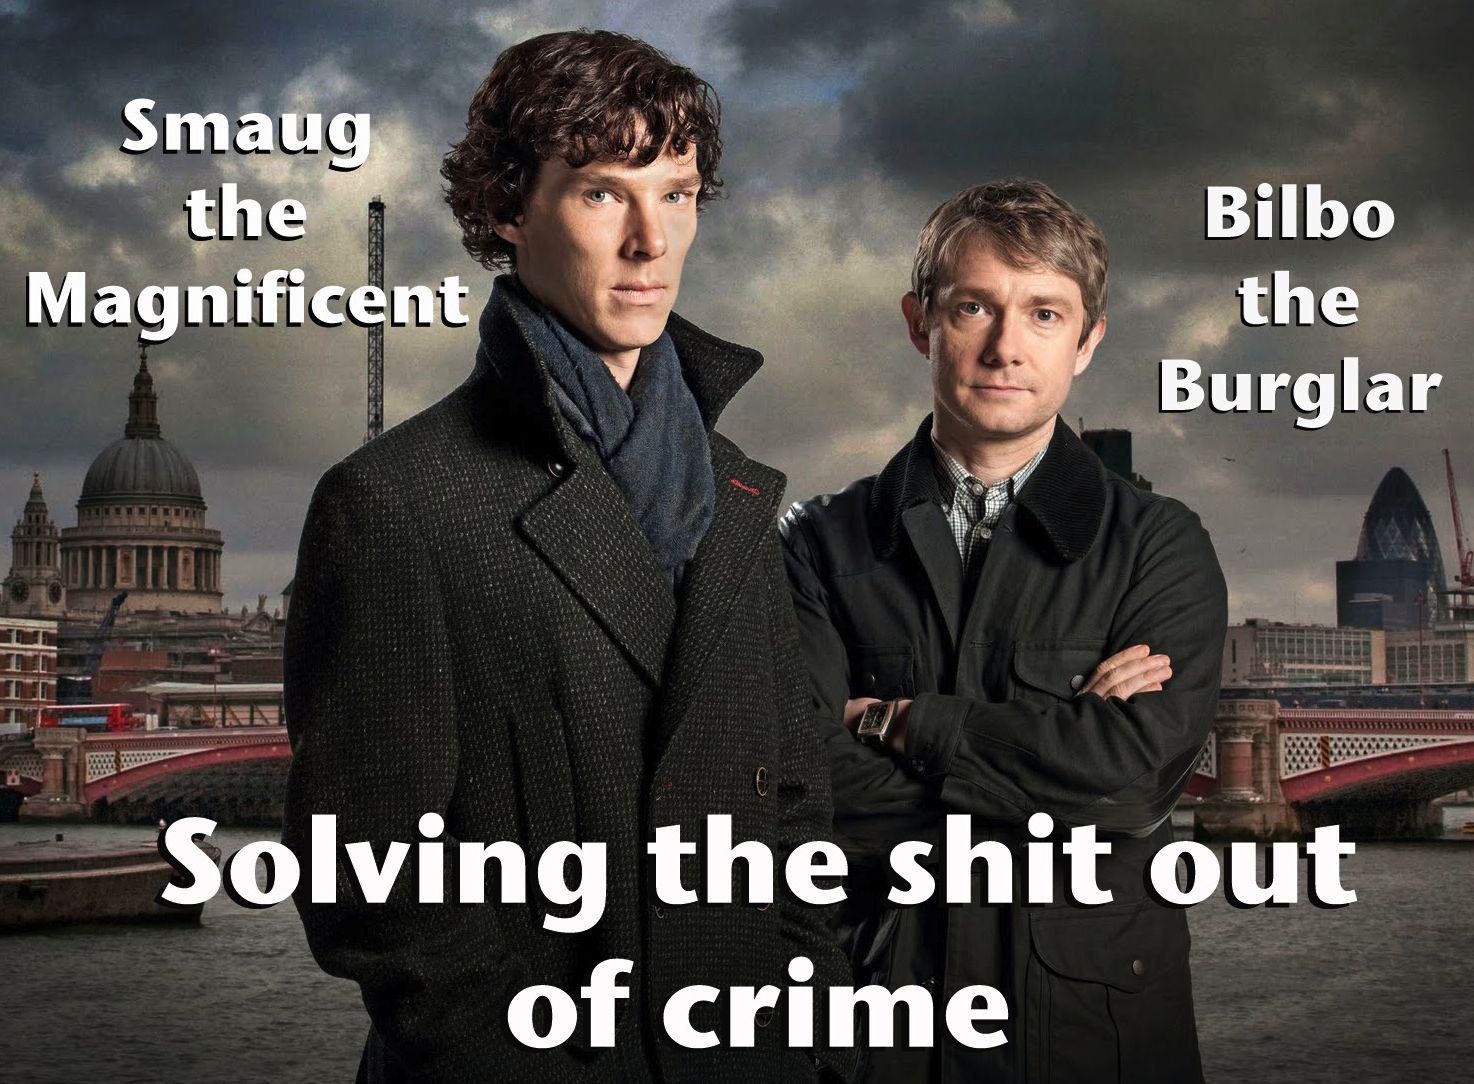 Smaug and Watson AKA Sherlock and Bilbo!